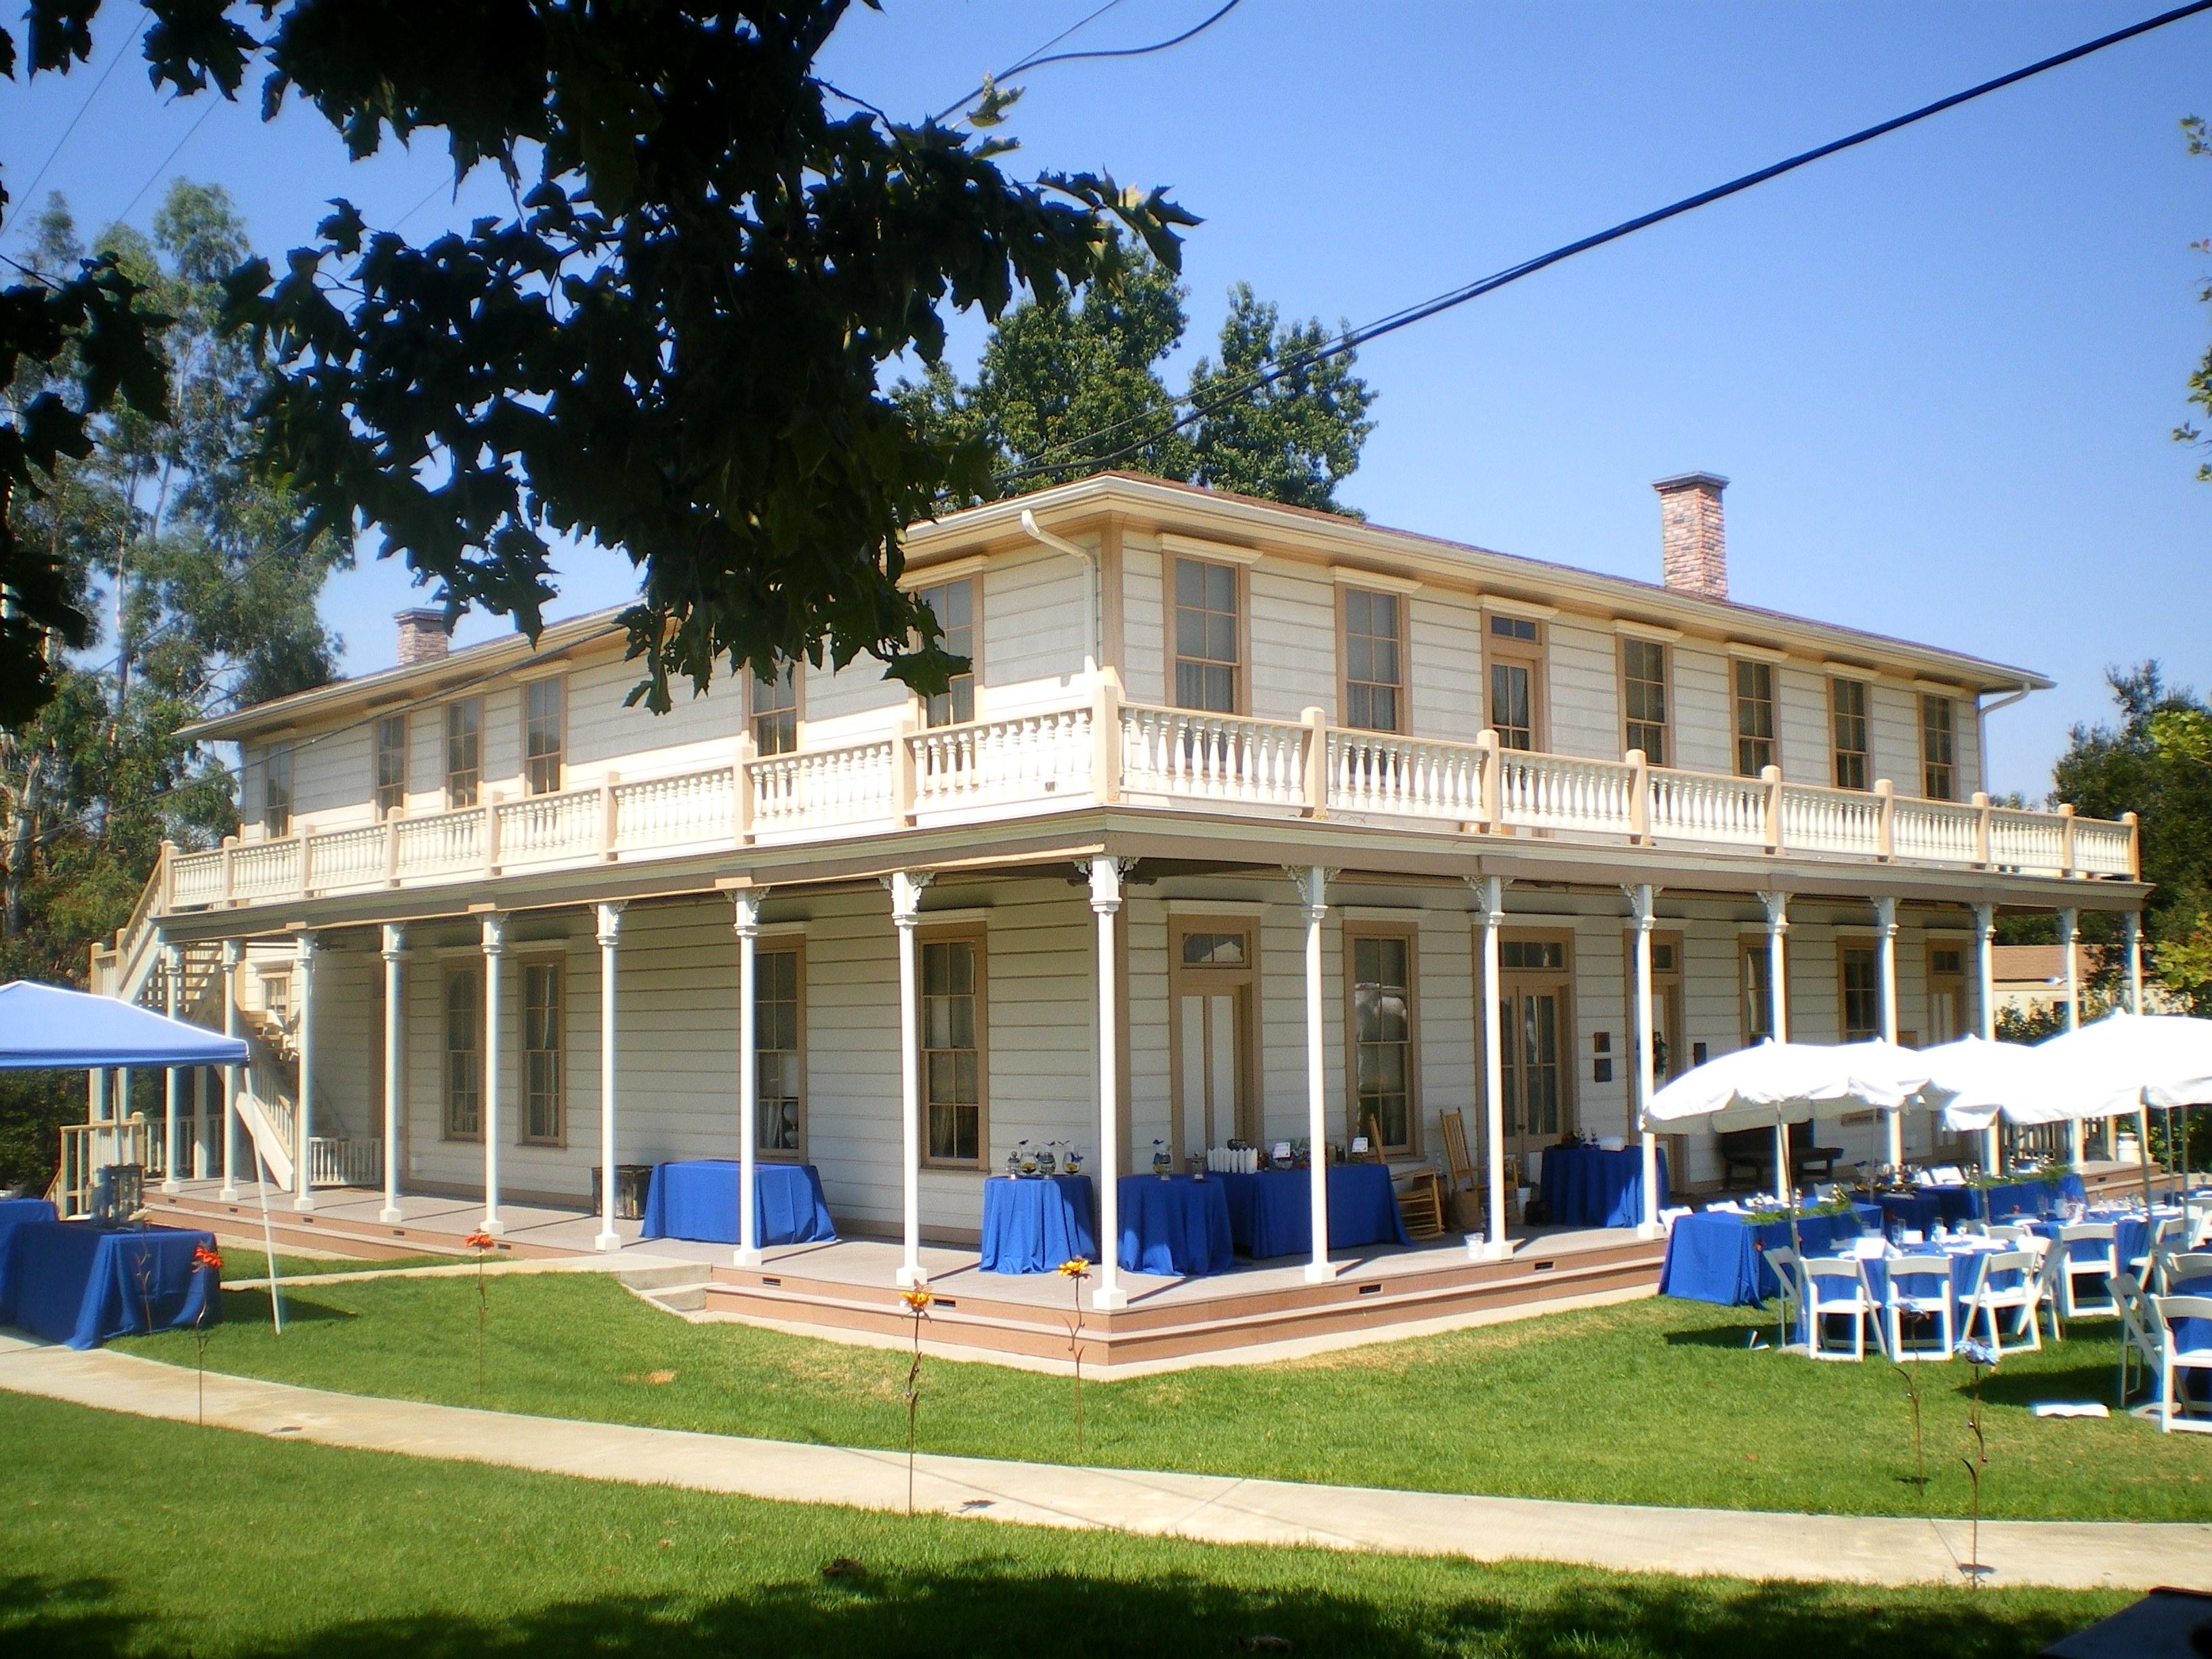 Stagecoach Inn Park